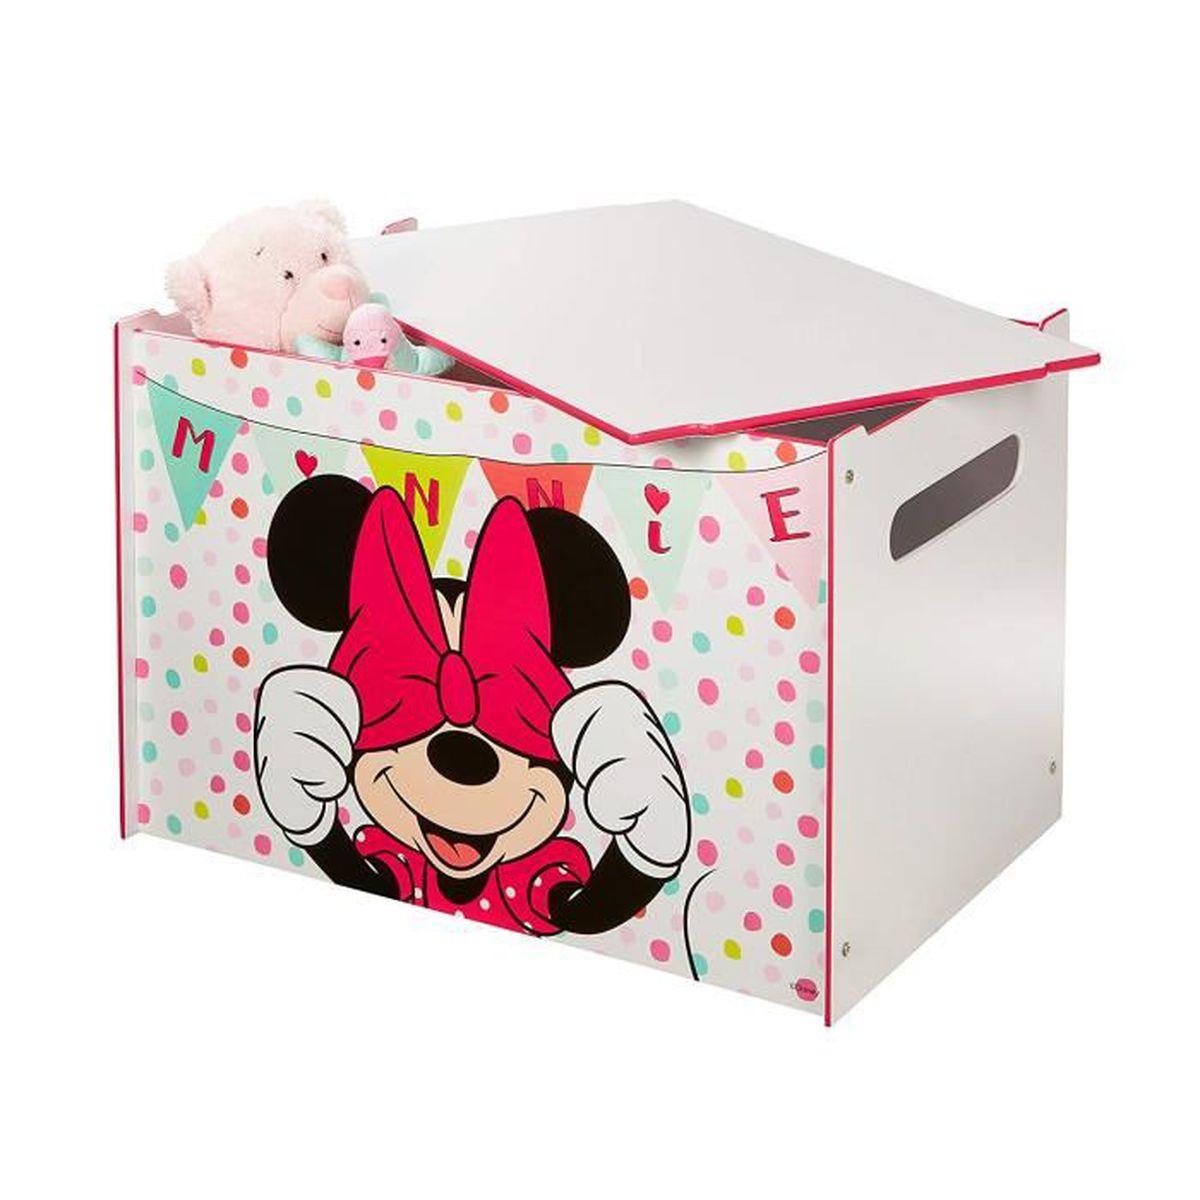 Coffre A Jouets Coffre De Rangement Disney Minnie Mouse Blanc Blanc Rose Achat Vente Coffre A Jouets 2009268901706 Bientot Le Black Friday Cdiscount